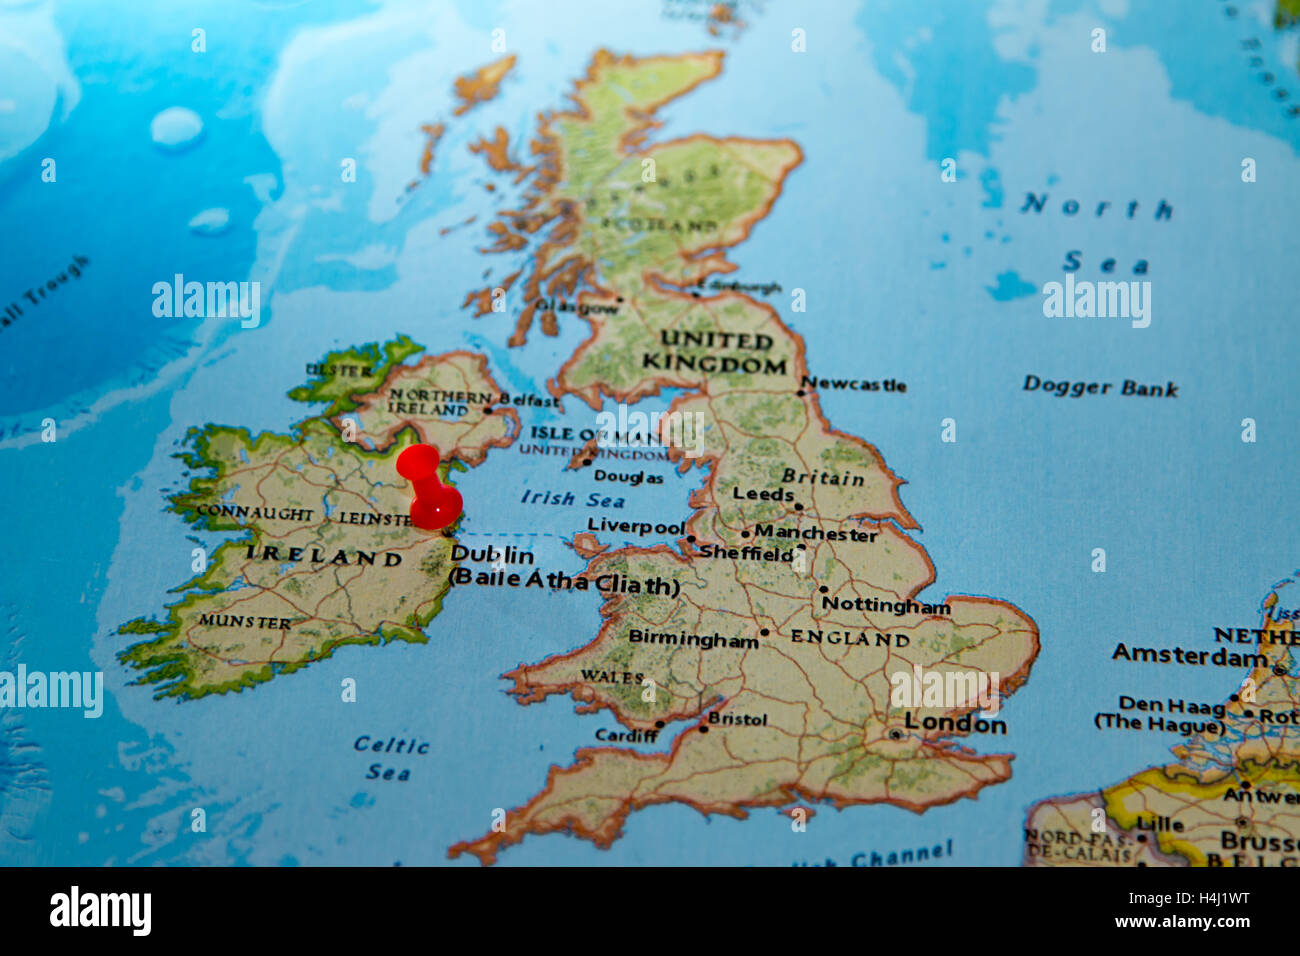 dublin irland karte Dublin, Irland, fixiert auf einer Karte von Europa Stockfotografie